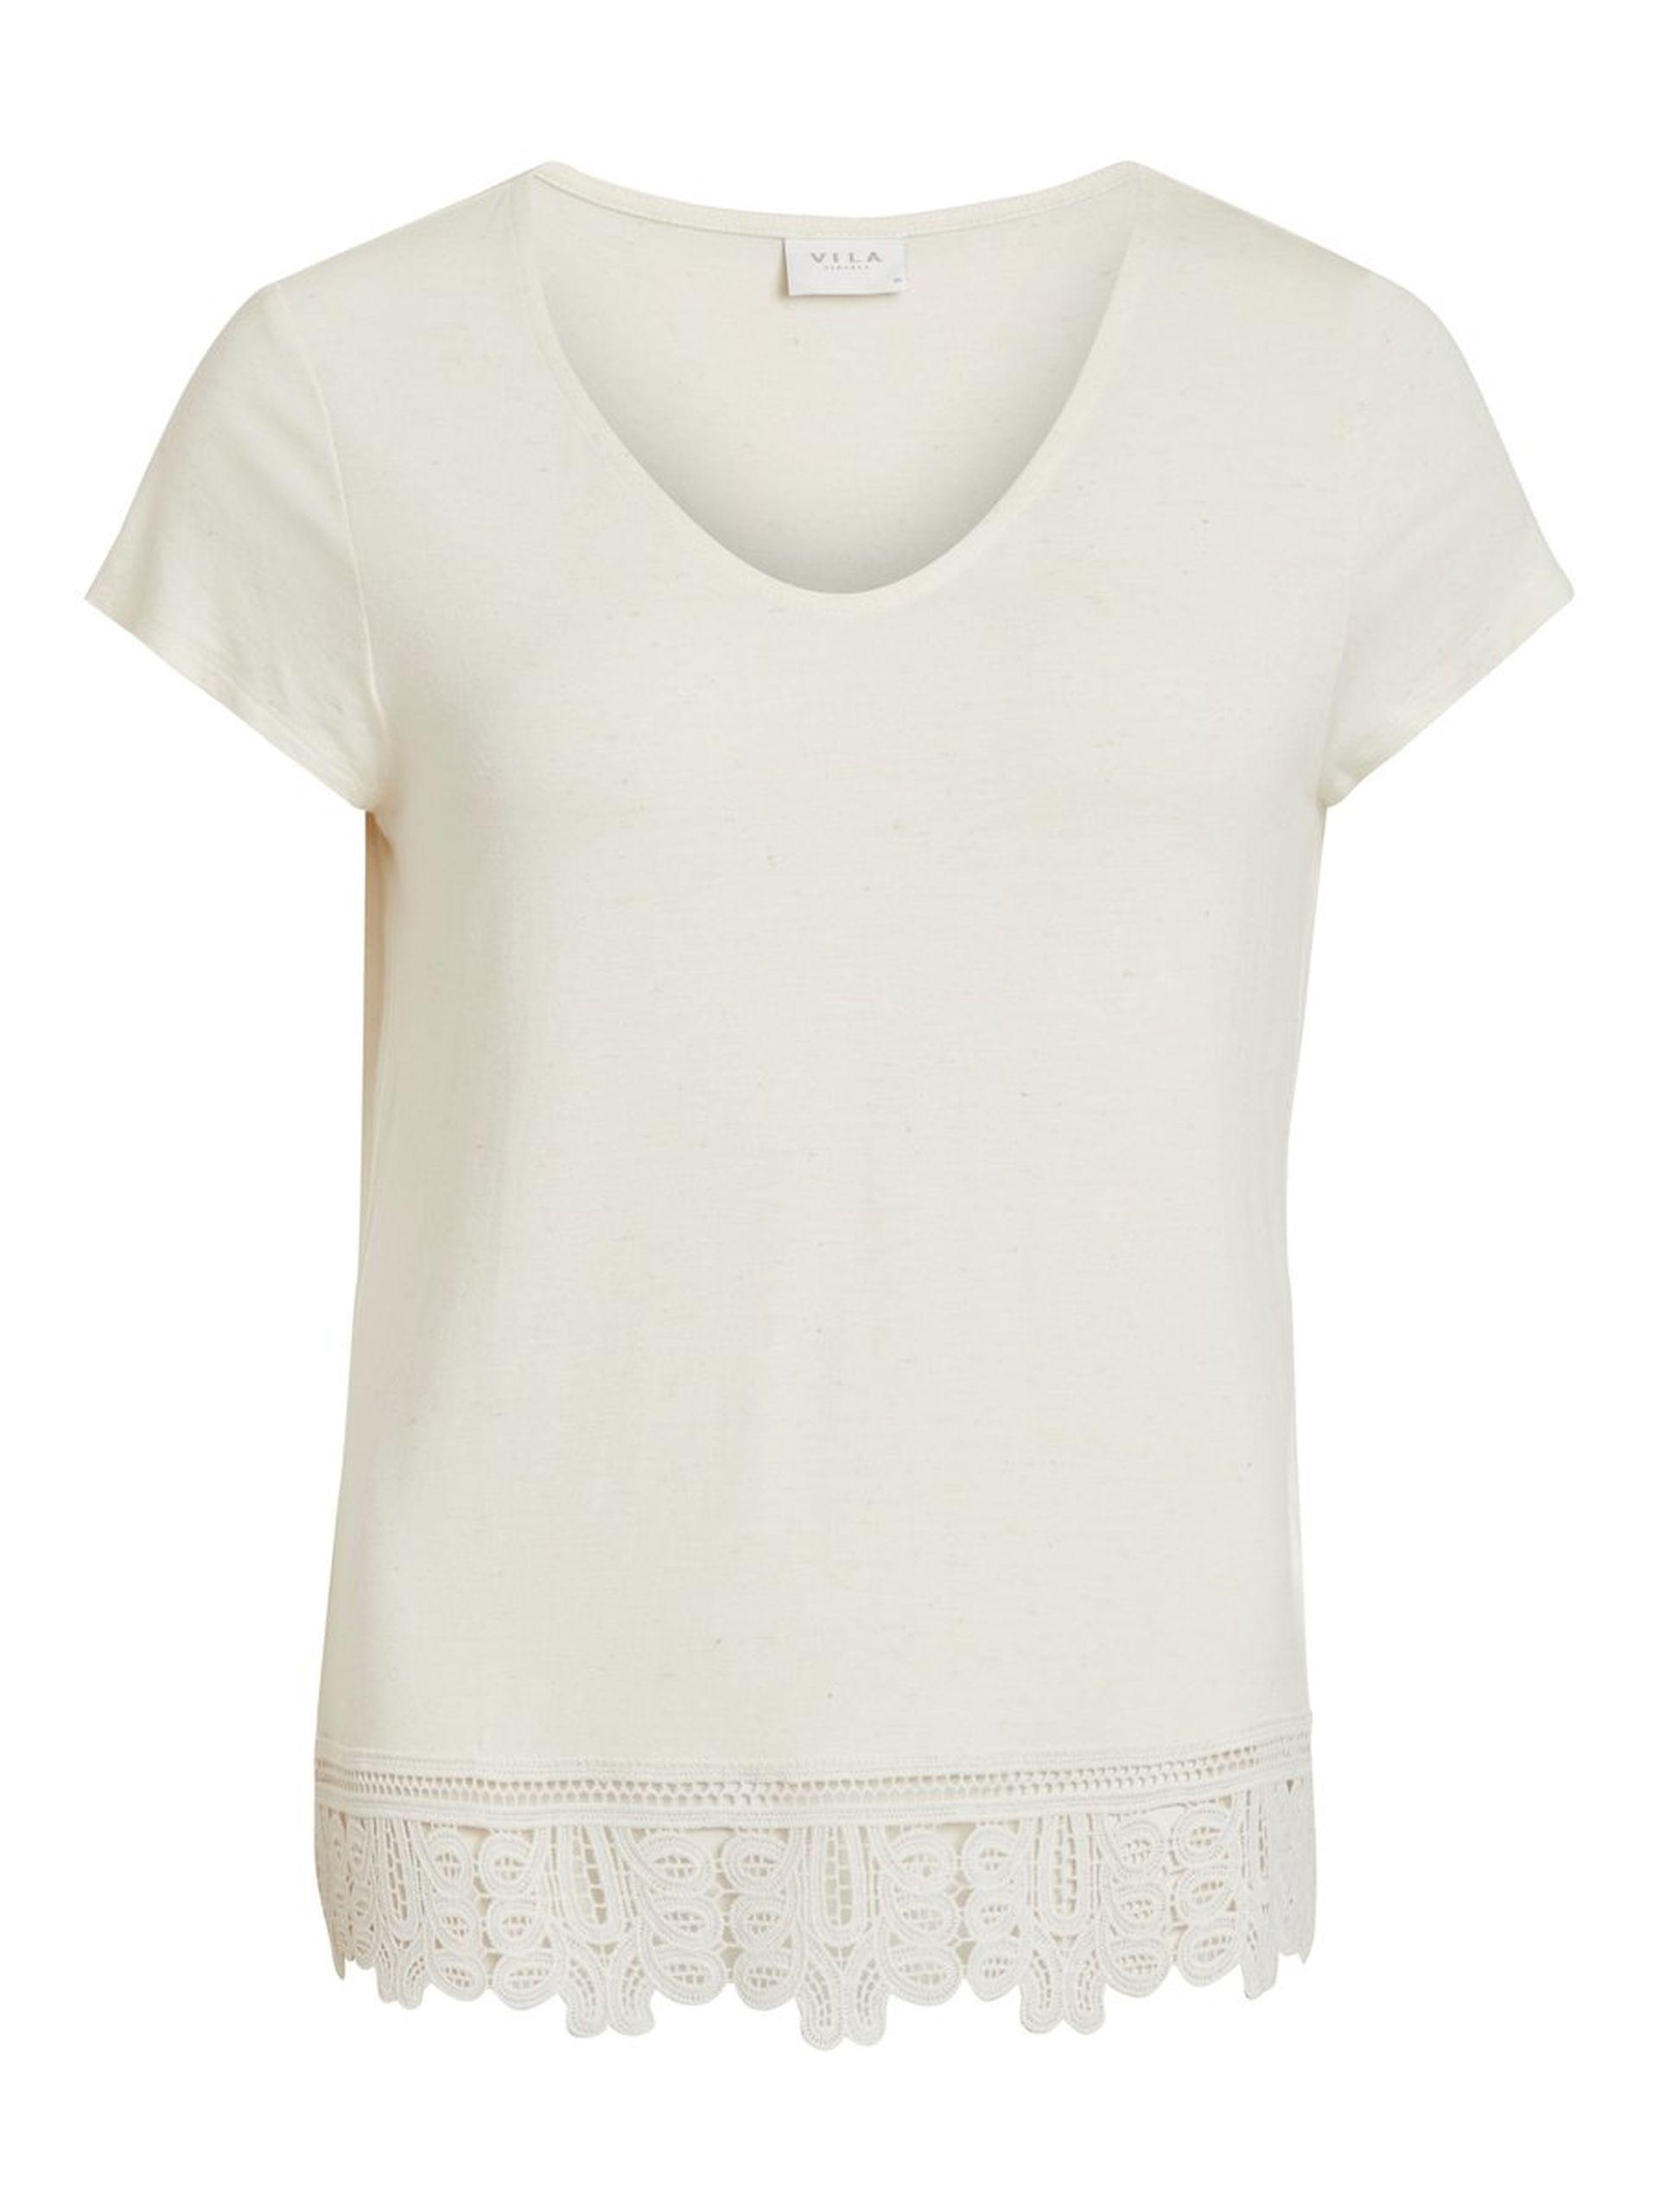 4e09abe8 Vila topp med blonder. Off white t-skjorte med blondekant. T-skjorte ...